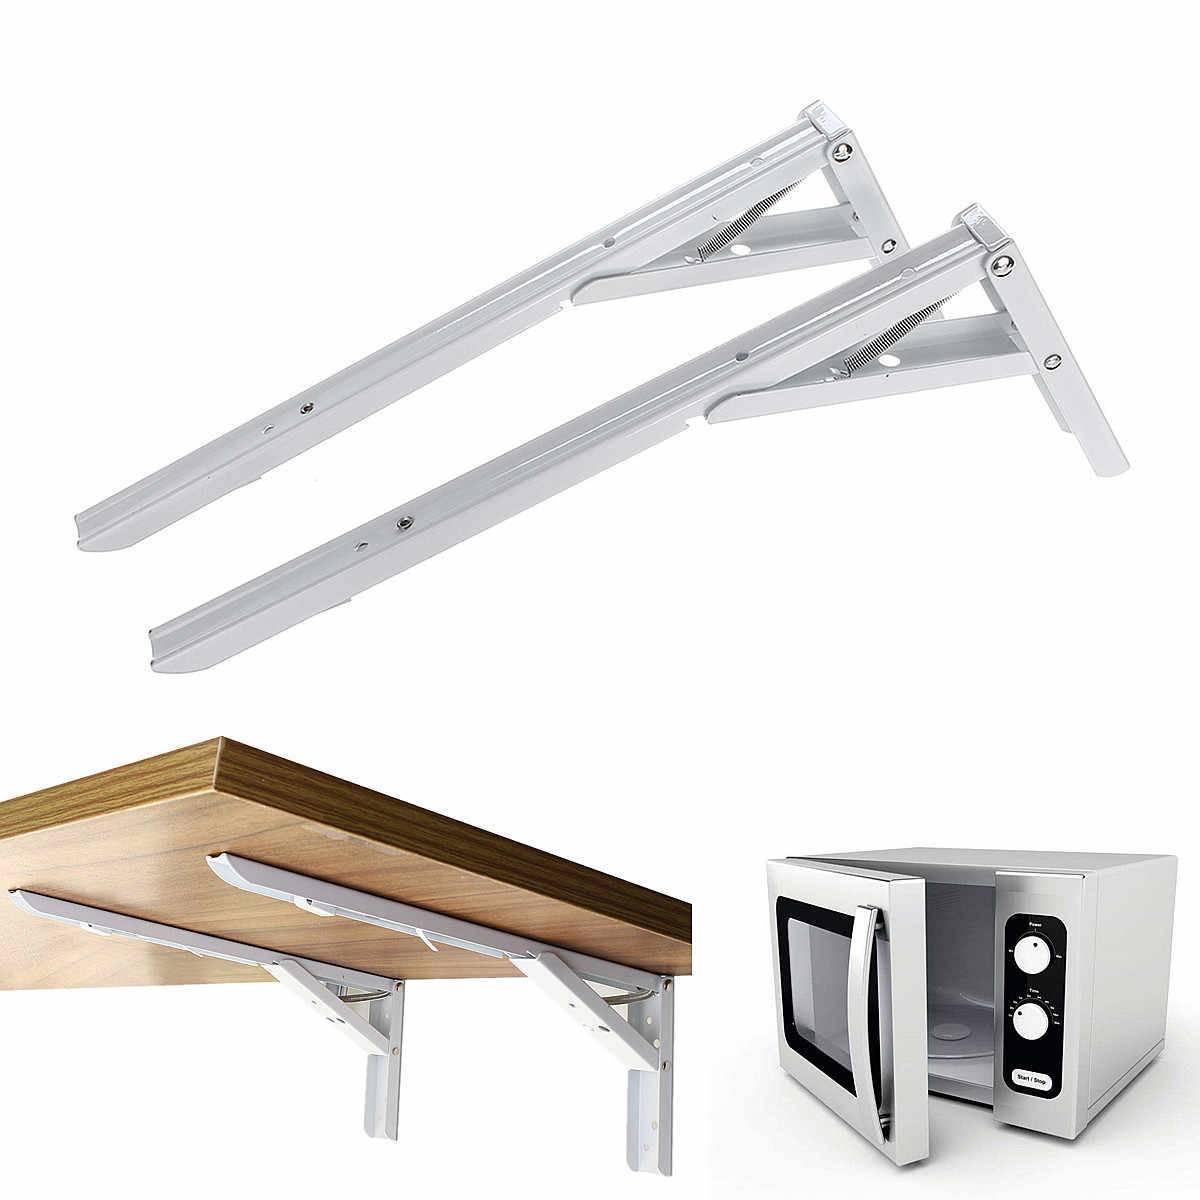 Полка для микроволновки на стену, на столешницу, передвижные, кроншетйны и подвесы